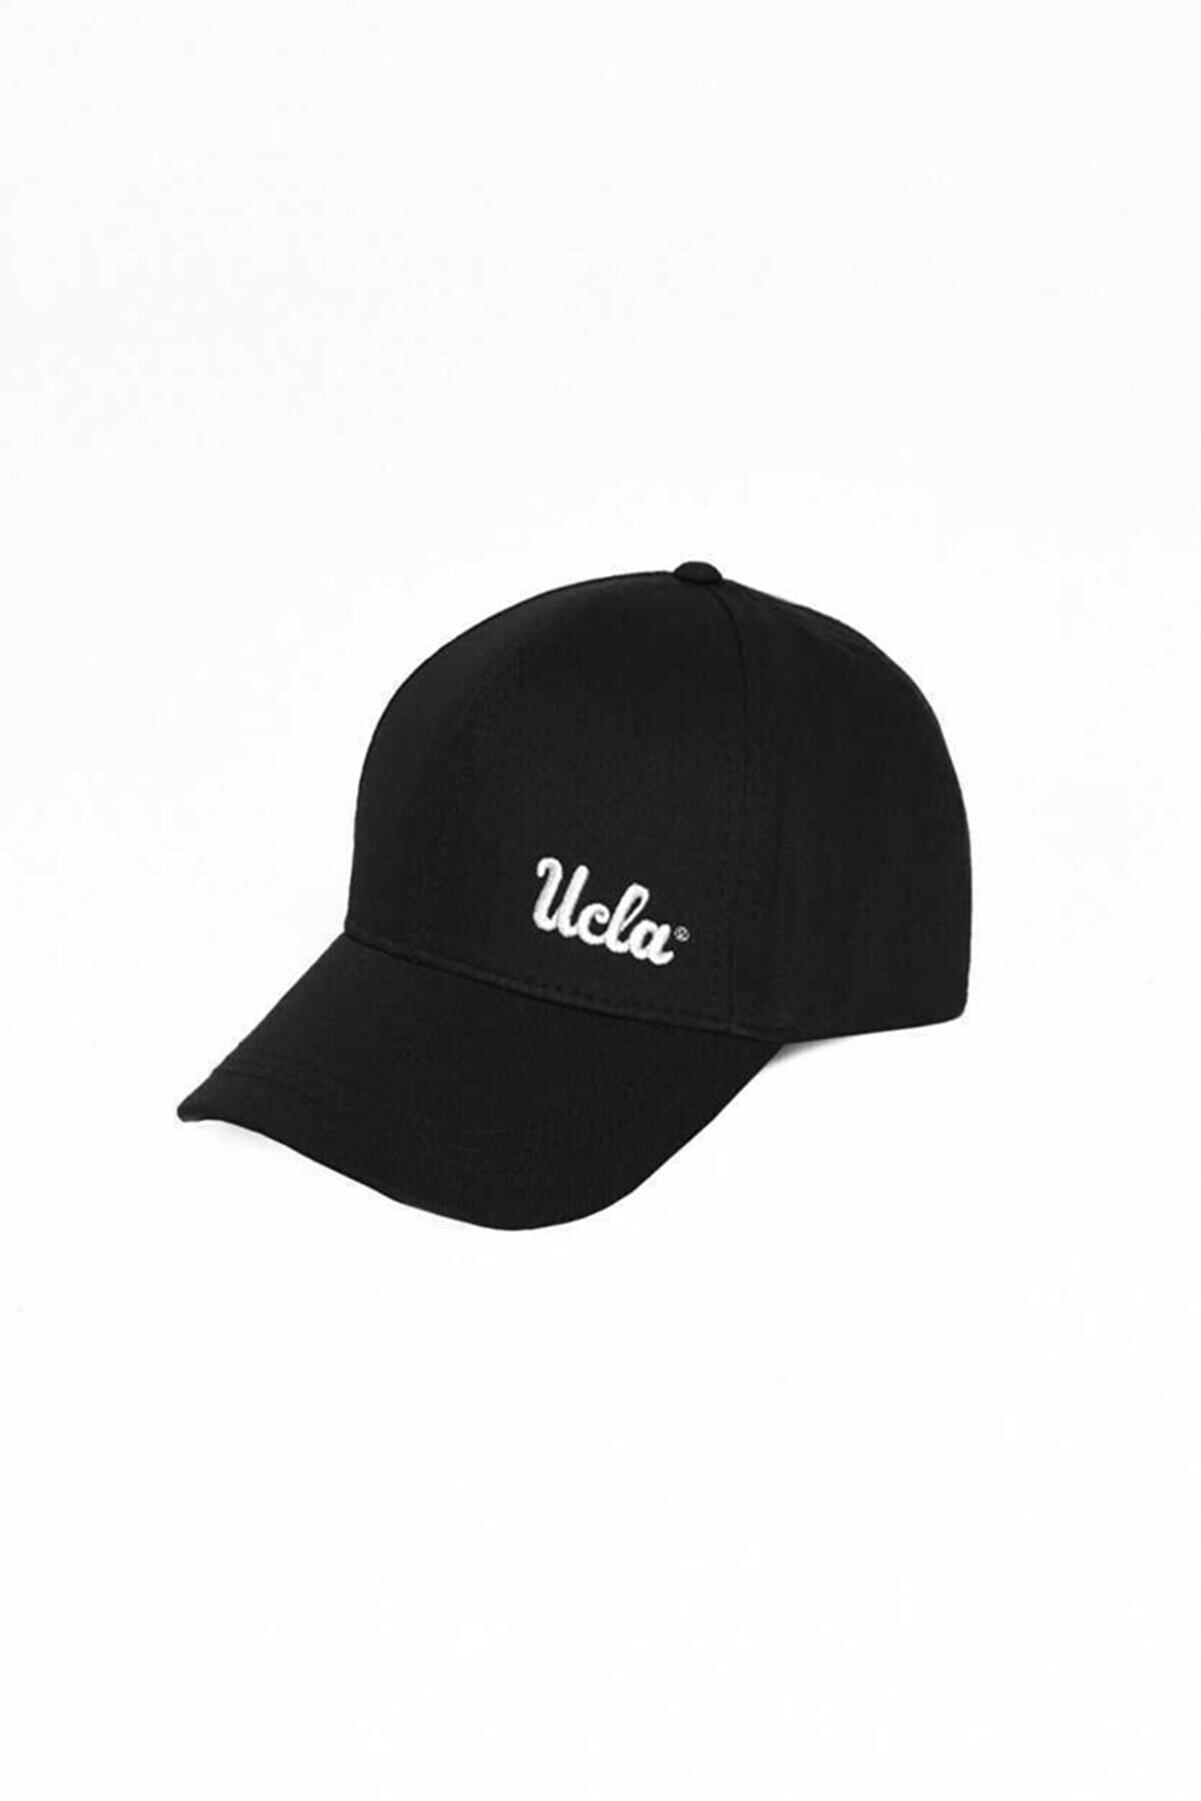 Ucla Jenner Siyah Baseball Cap Nakışlı Şapka